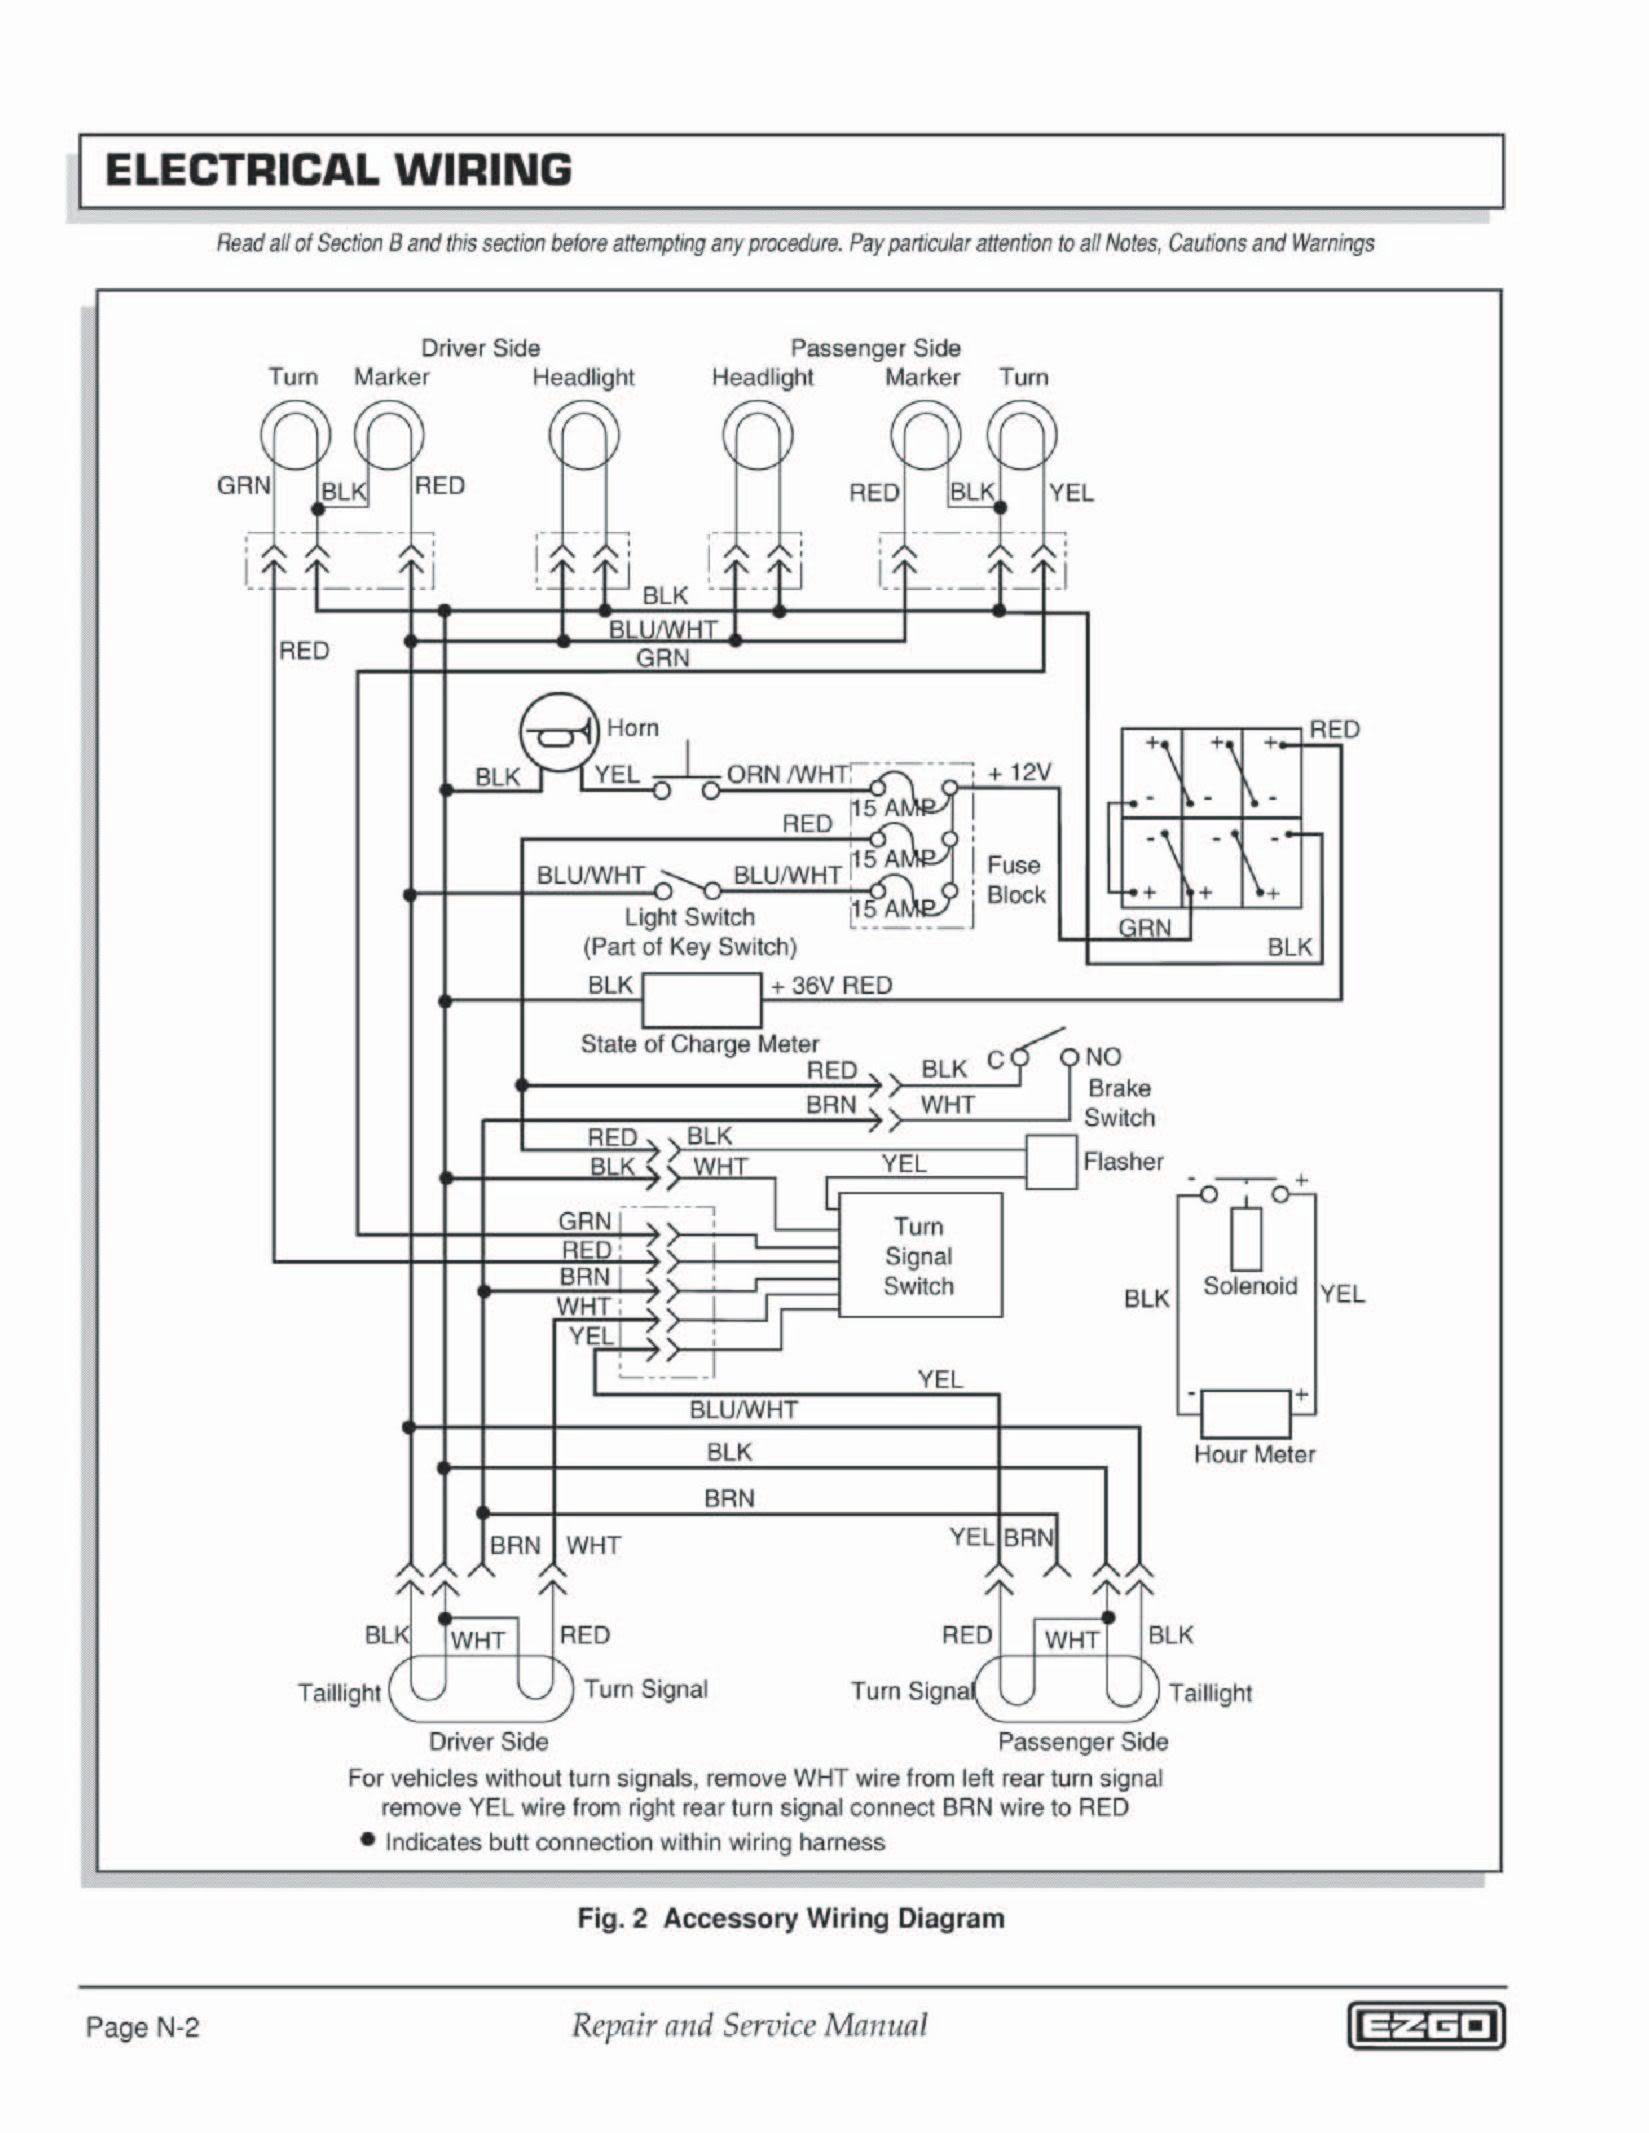 Ezgo 1989 Gas Engine Wiring 1990 Ezgo Gas Wiring Diagram Wiring Diagram Schematic Of Ezgo 1989 Gas Engine Wiring